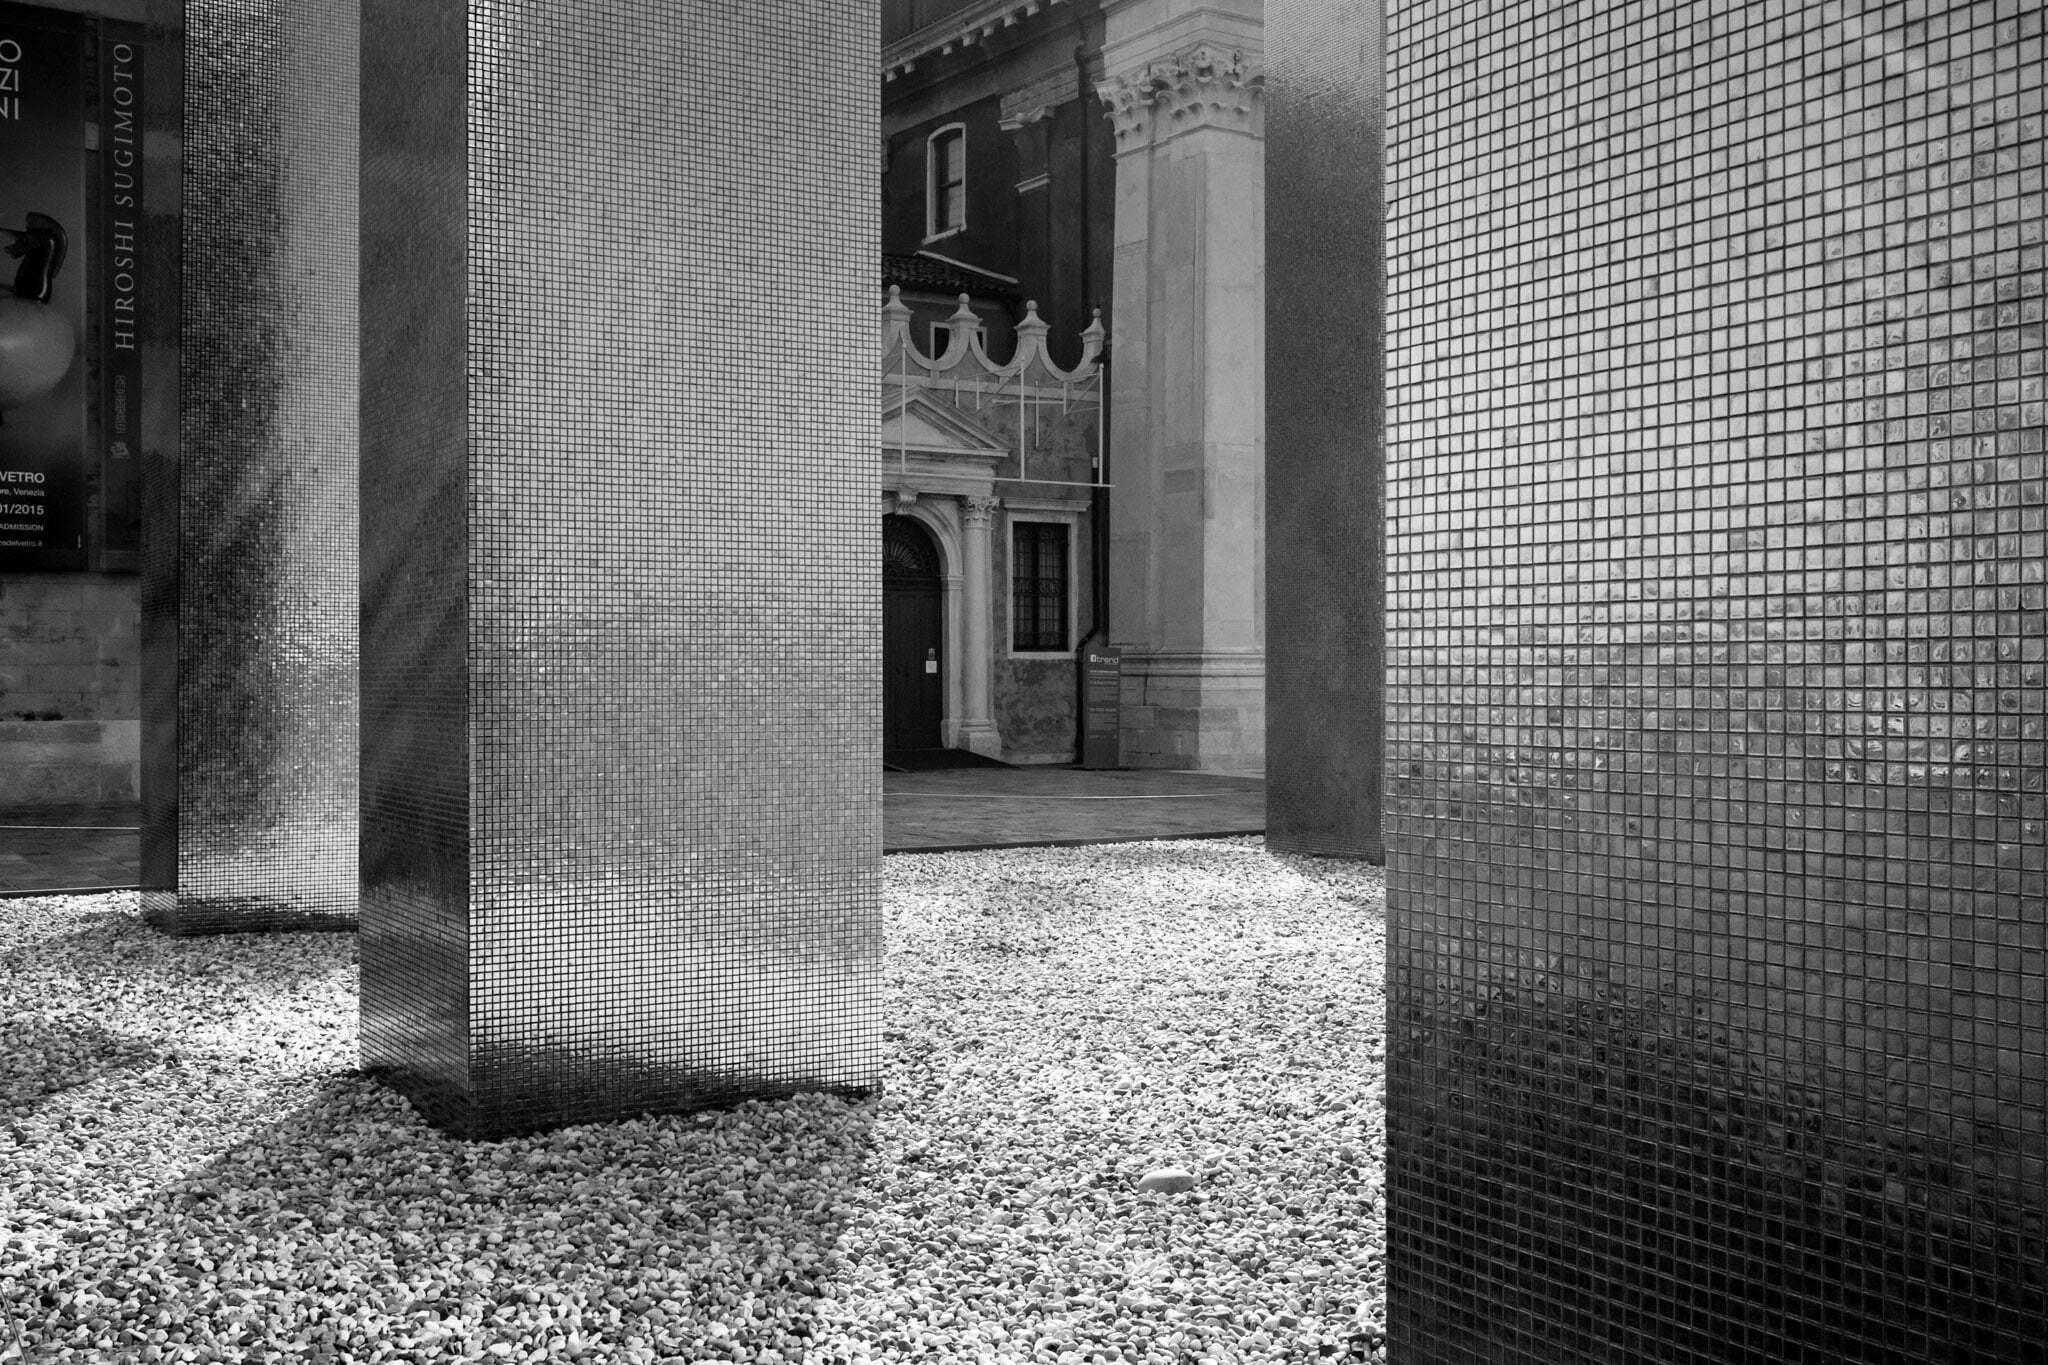 venice-architecture-biennale-2014-golden-columns-7797